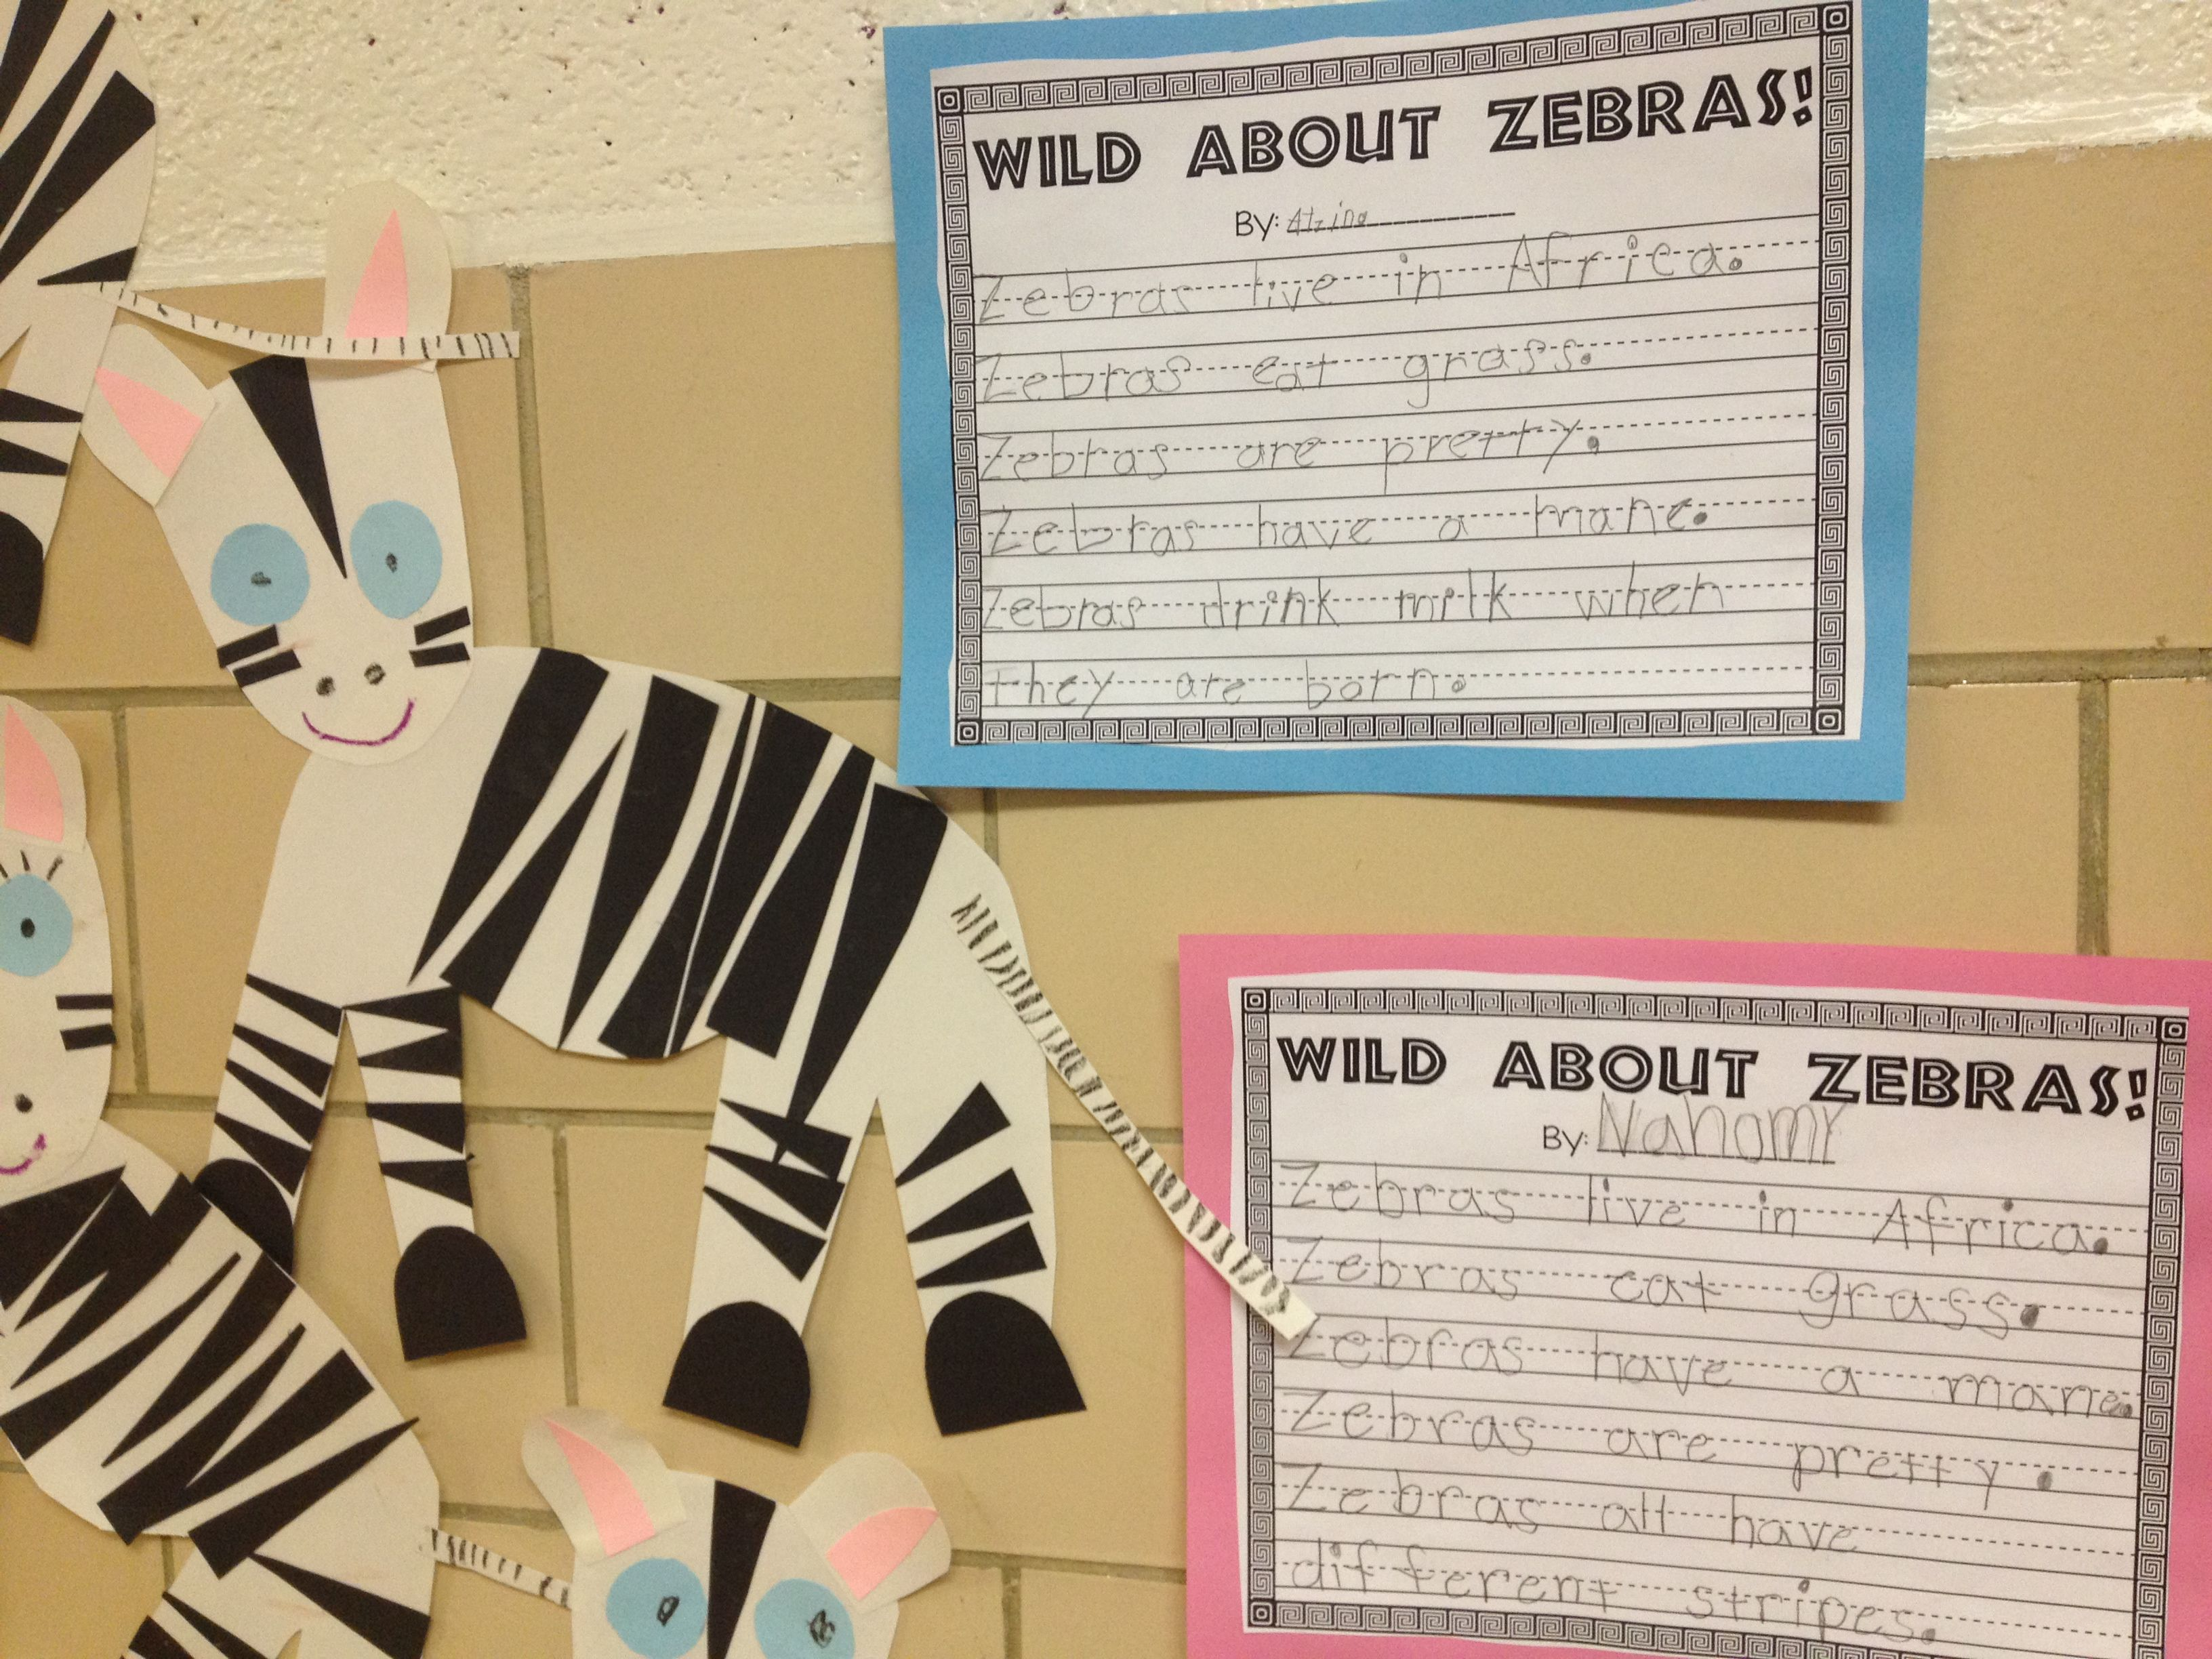 Wild About Zebras